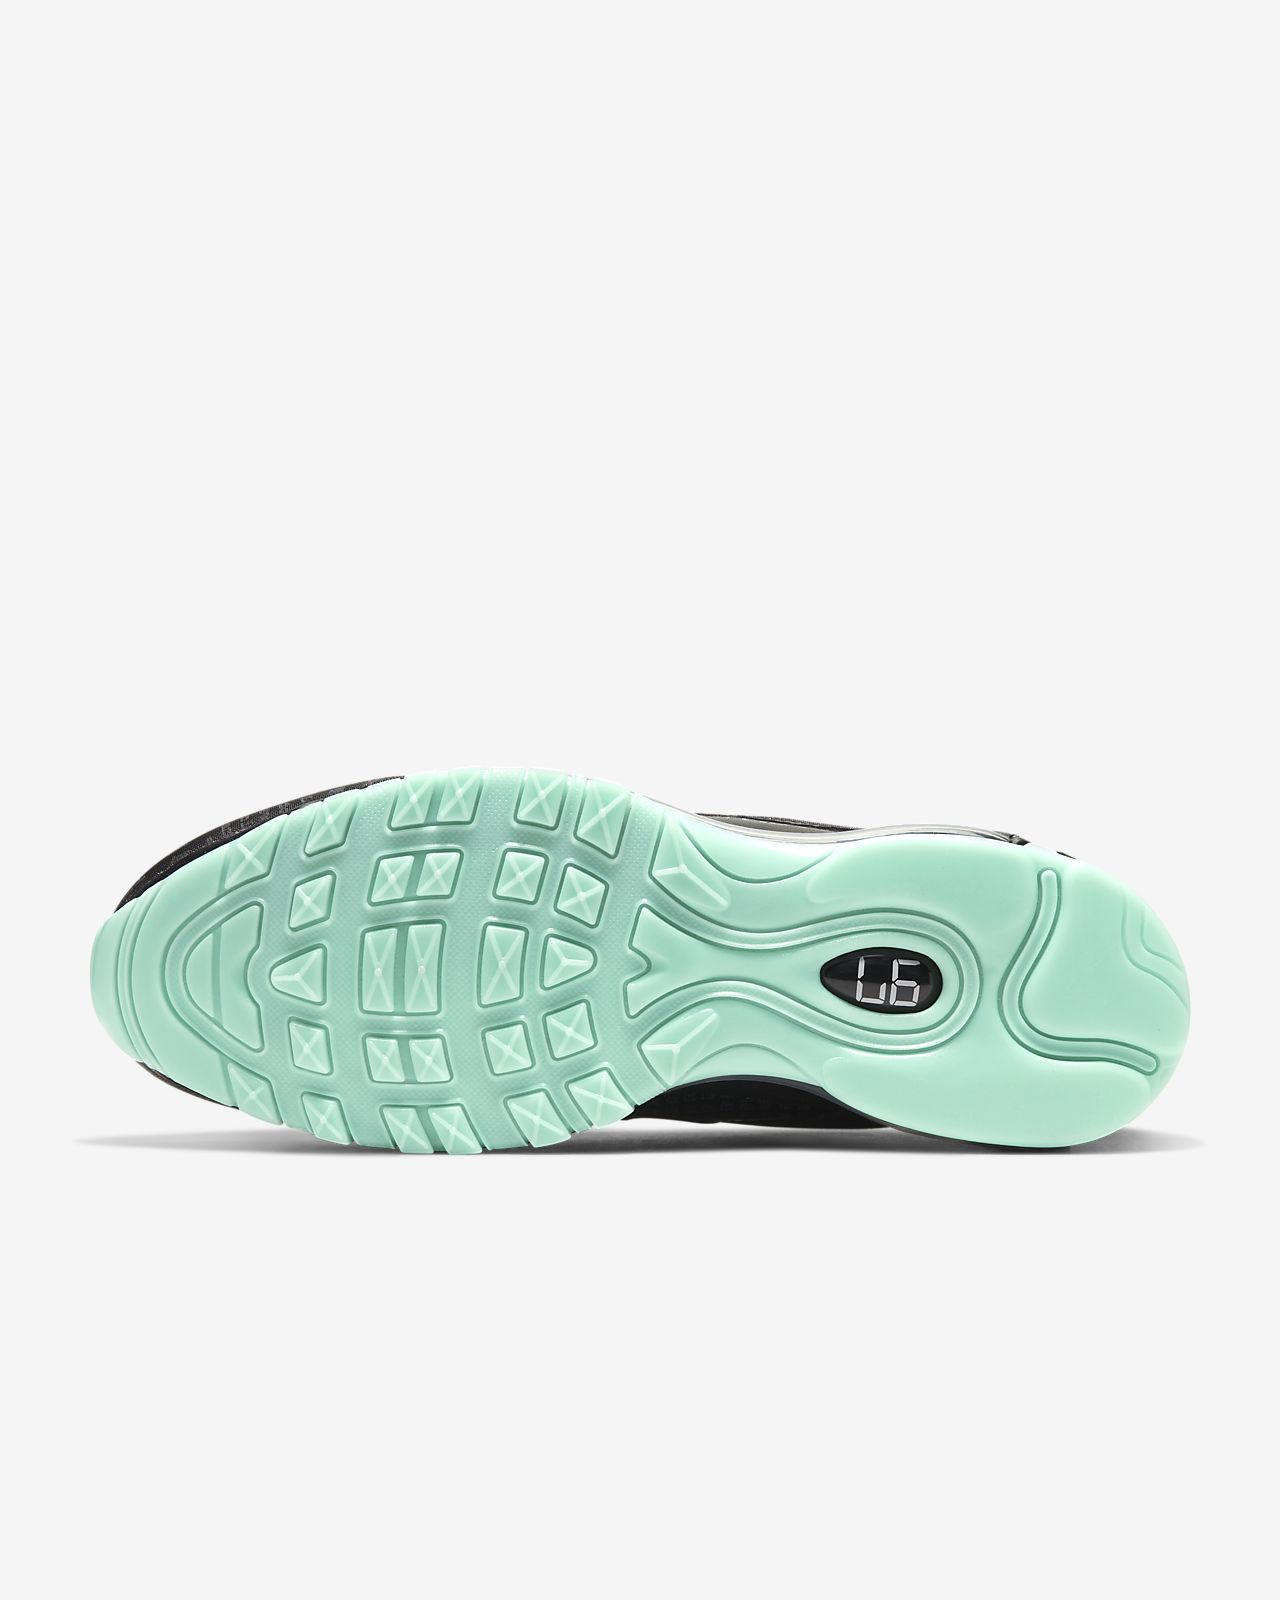 NIKE AIR MAX 97 MEN FOOTWEAR buy now online.